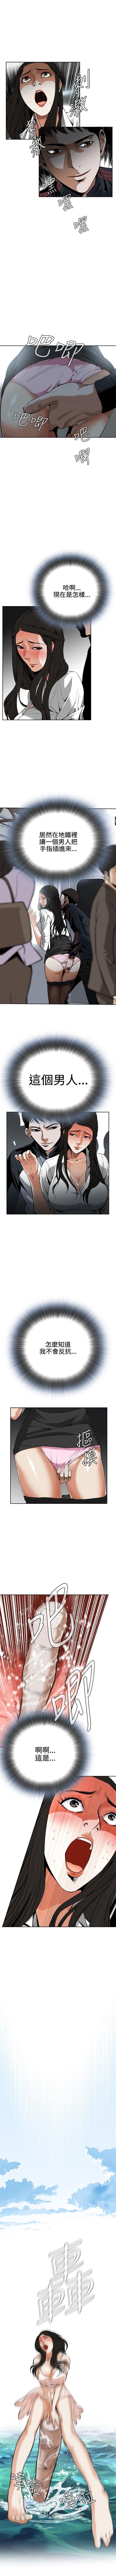 偷窥  0-10 中文翻译 (更新中) 31